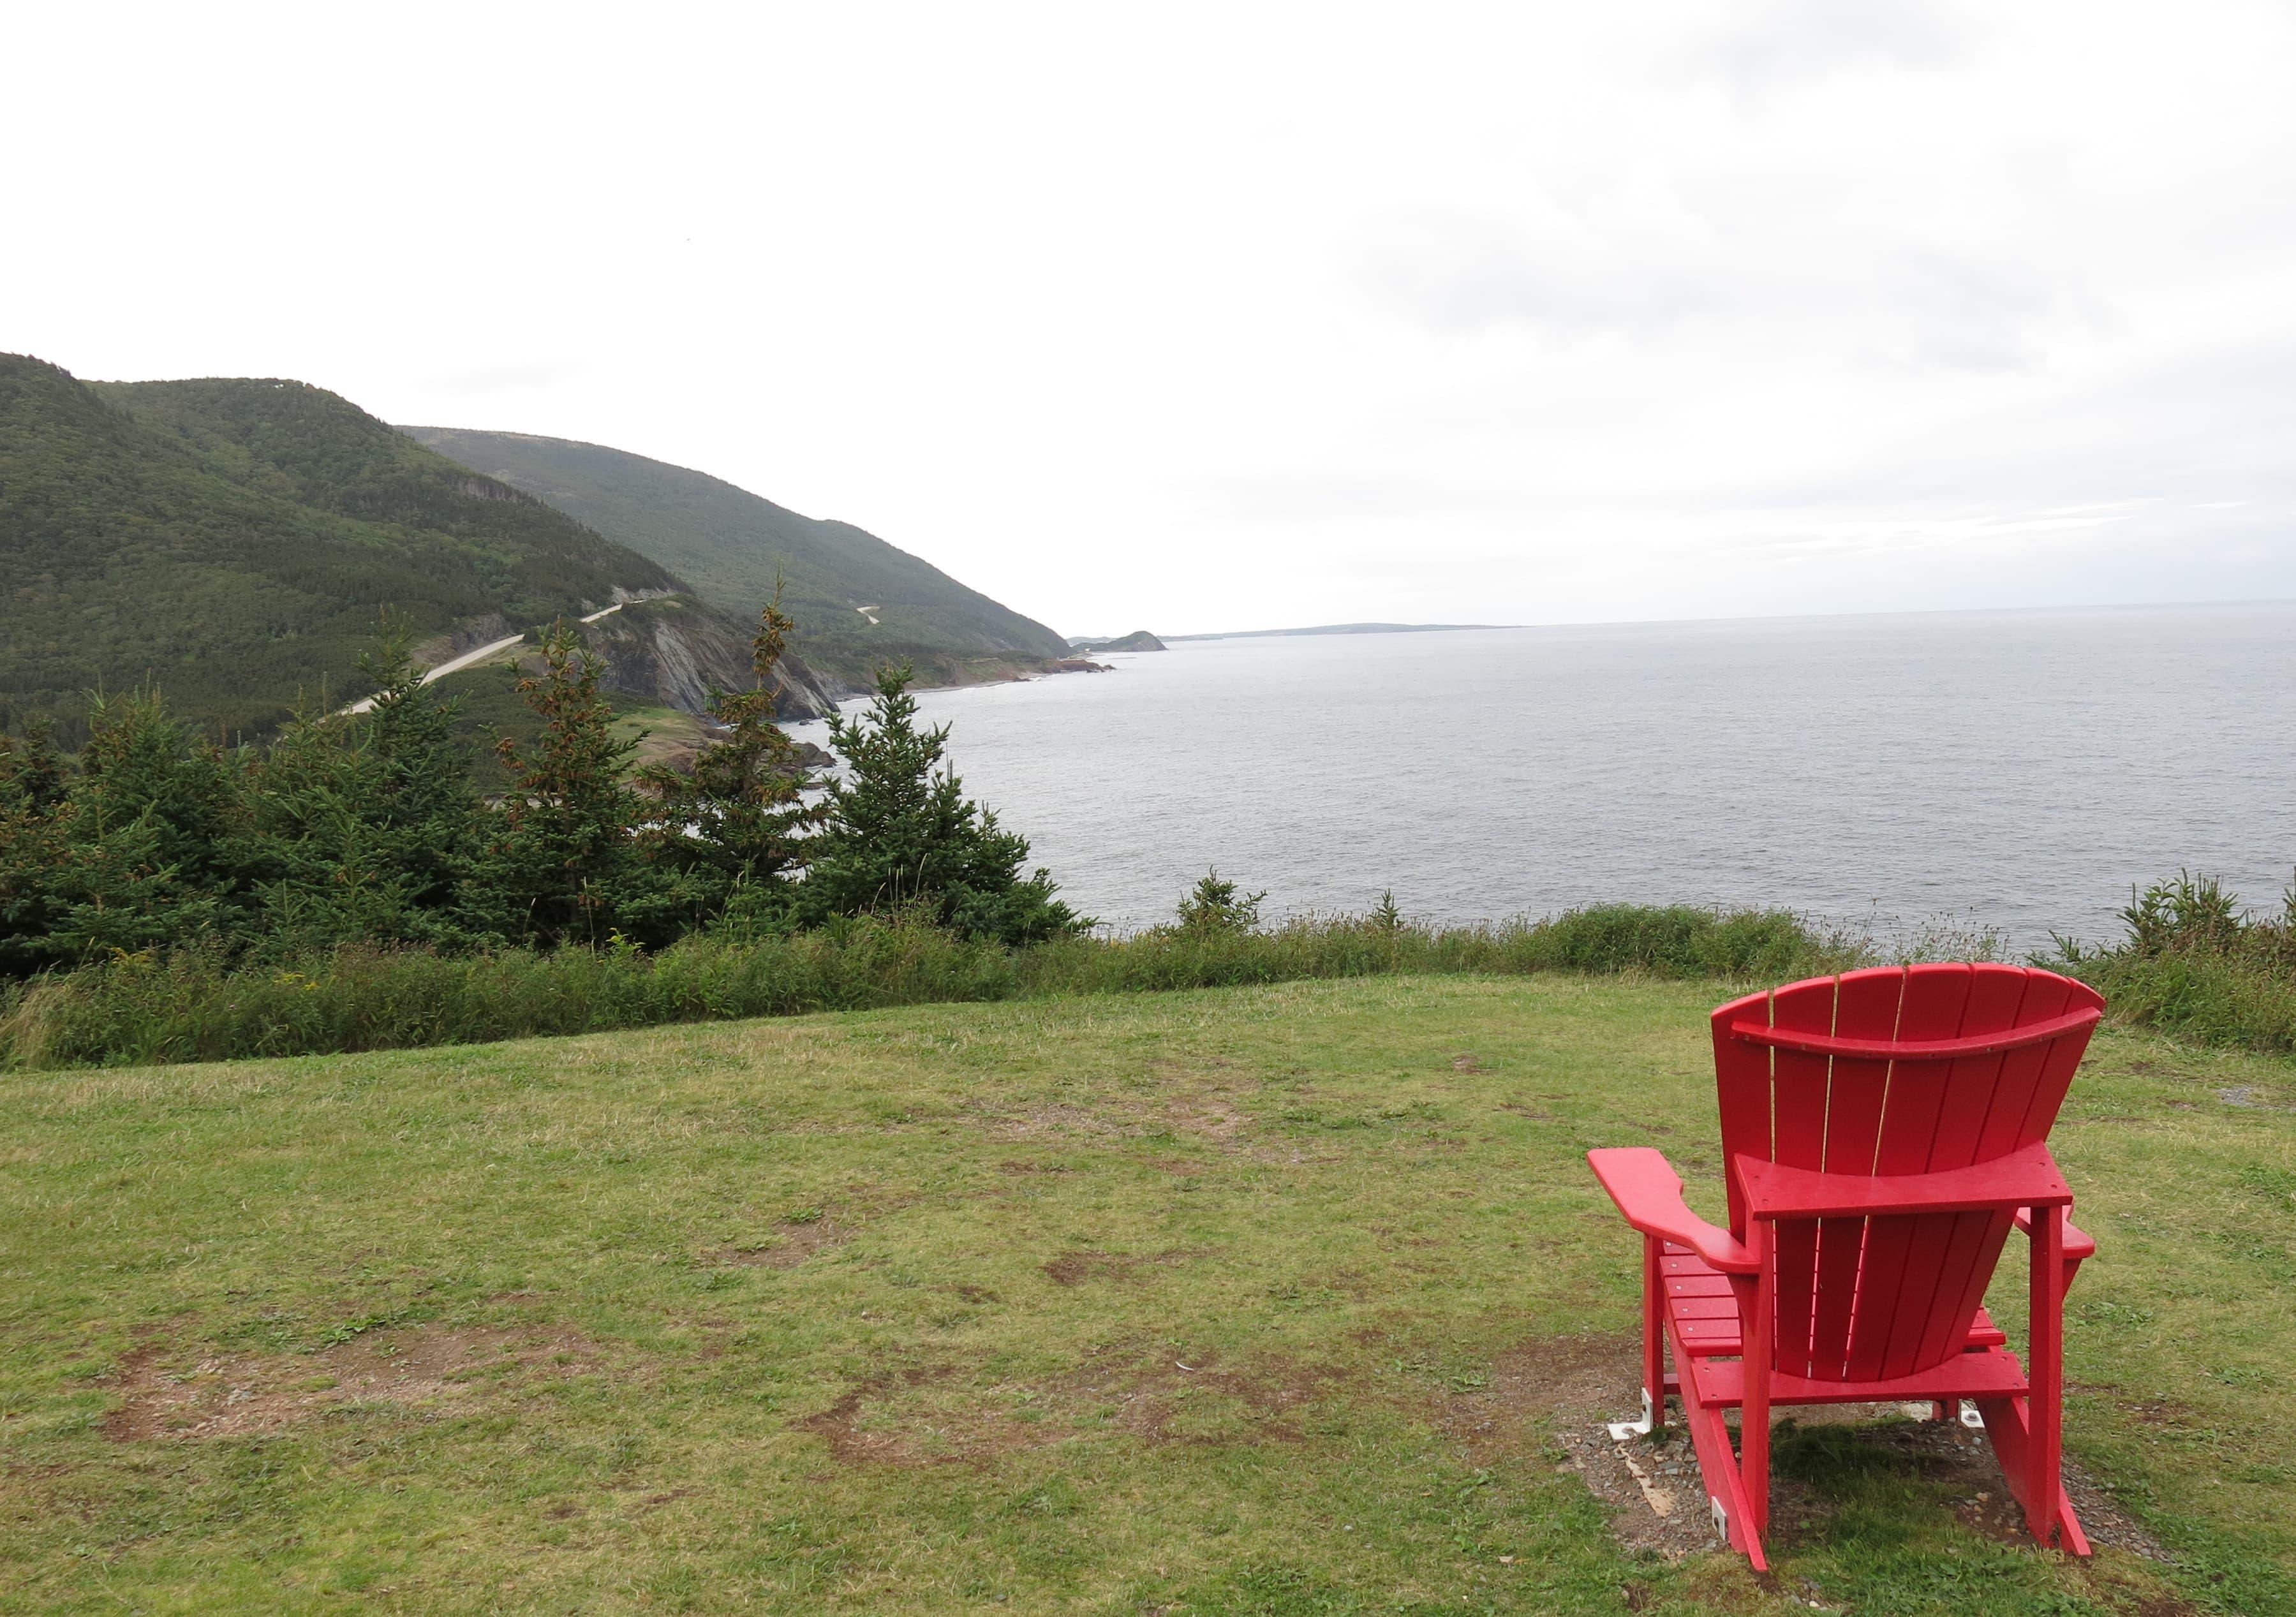 Hookup Sites Cape Breton Nova Scotia